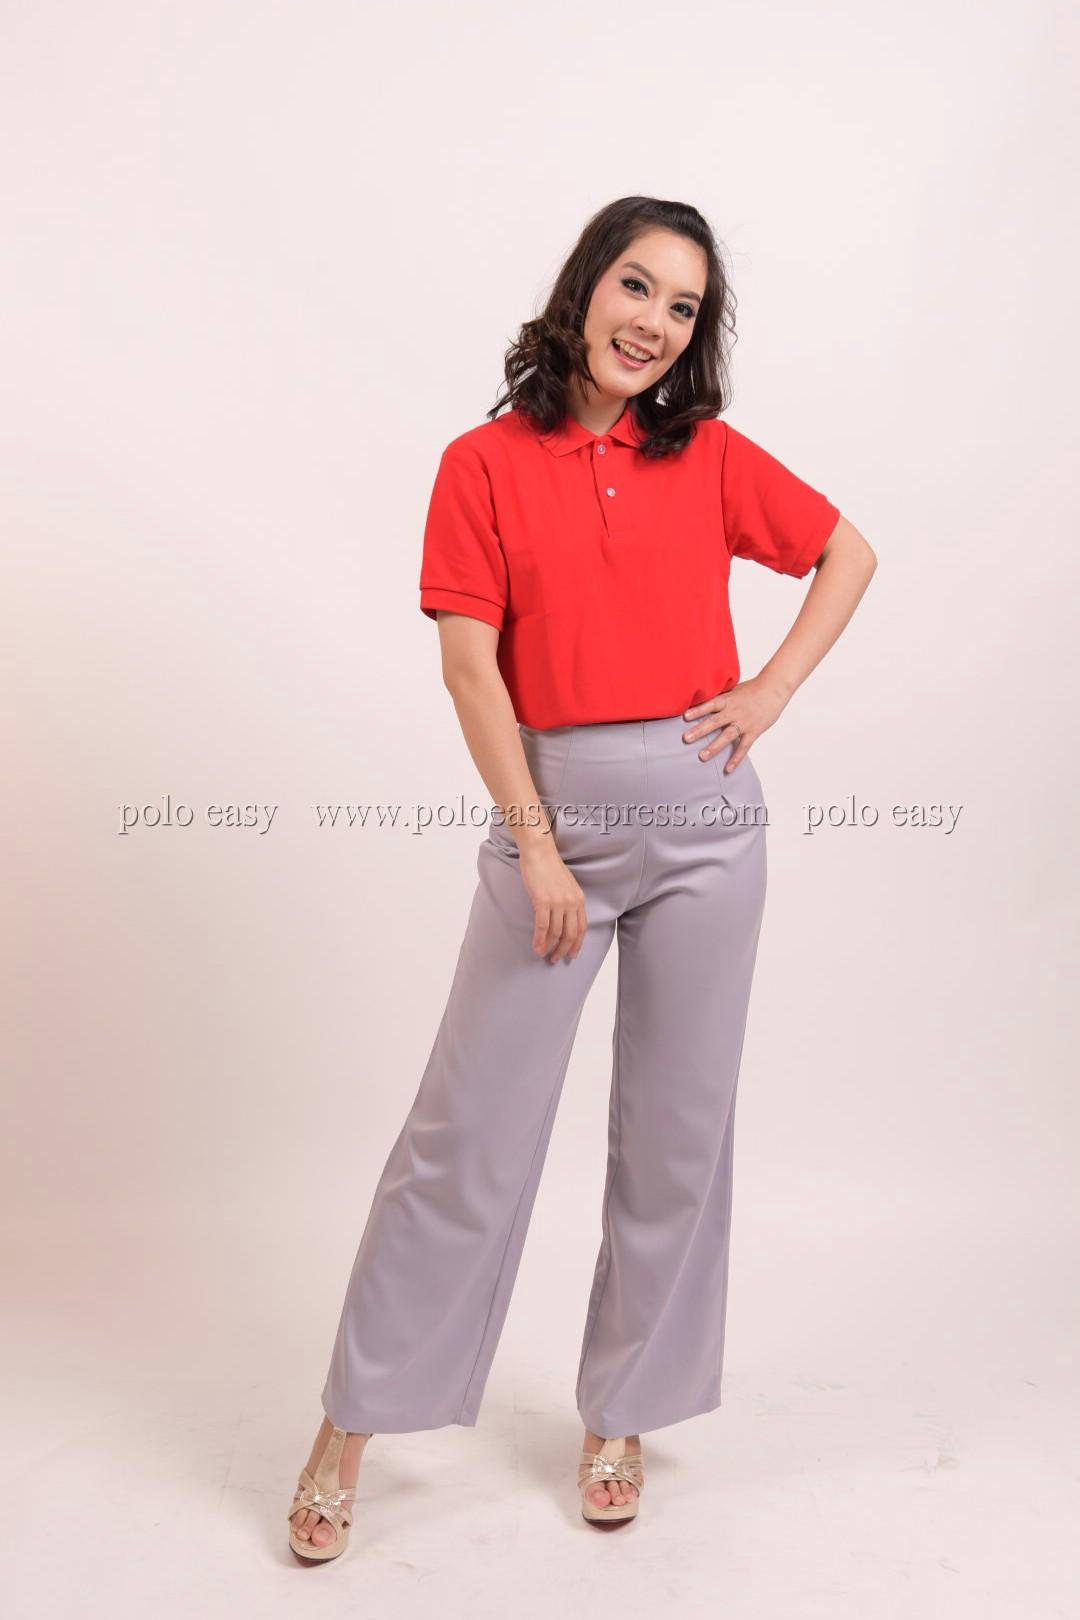 เสื้อโปโล สีแดง TK Premium แขนสั้น ทรงเว้า (หญิง) Size 4XL